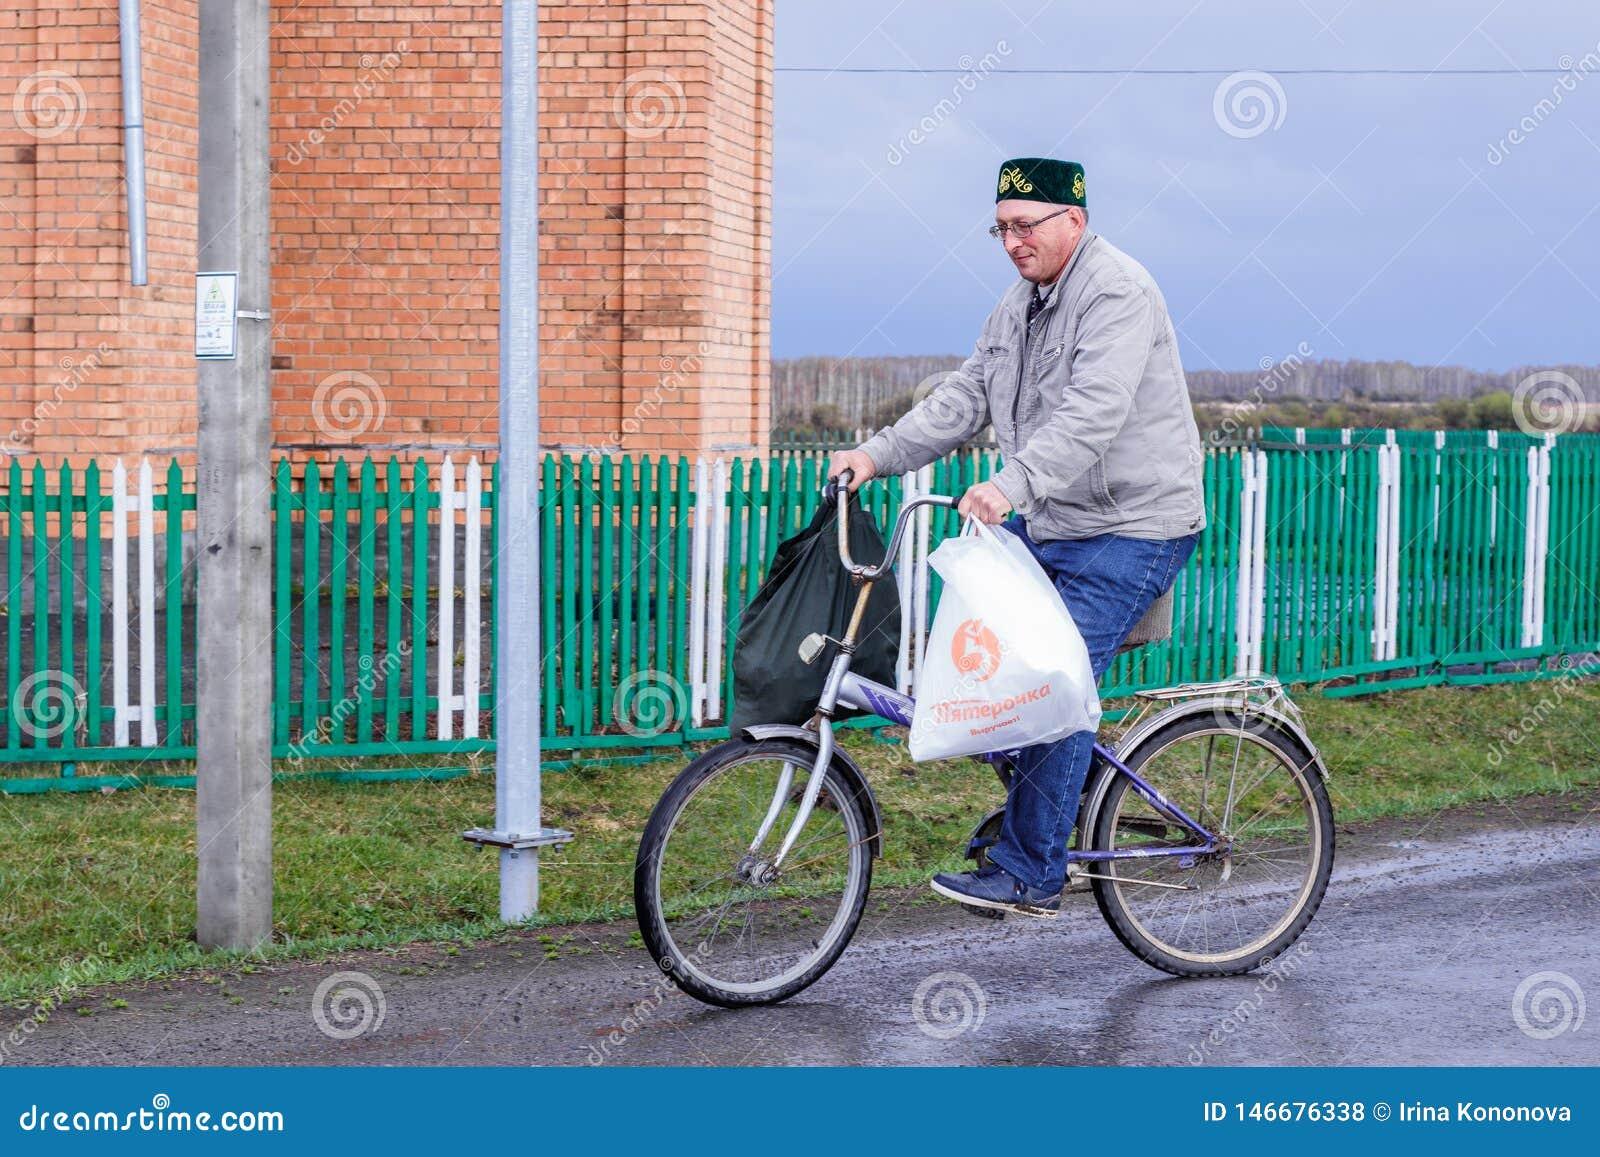 Aromashevskiy Rosja 23 2018 Maj cyklisty jazda z torbami